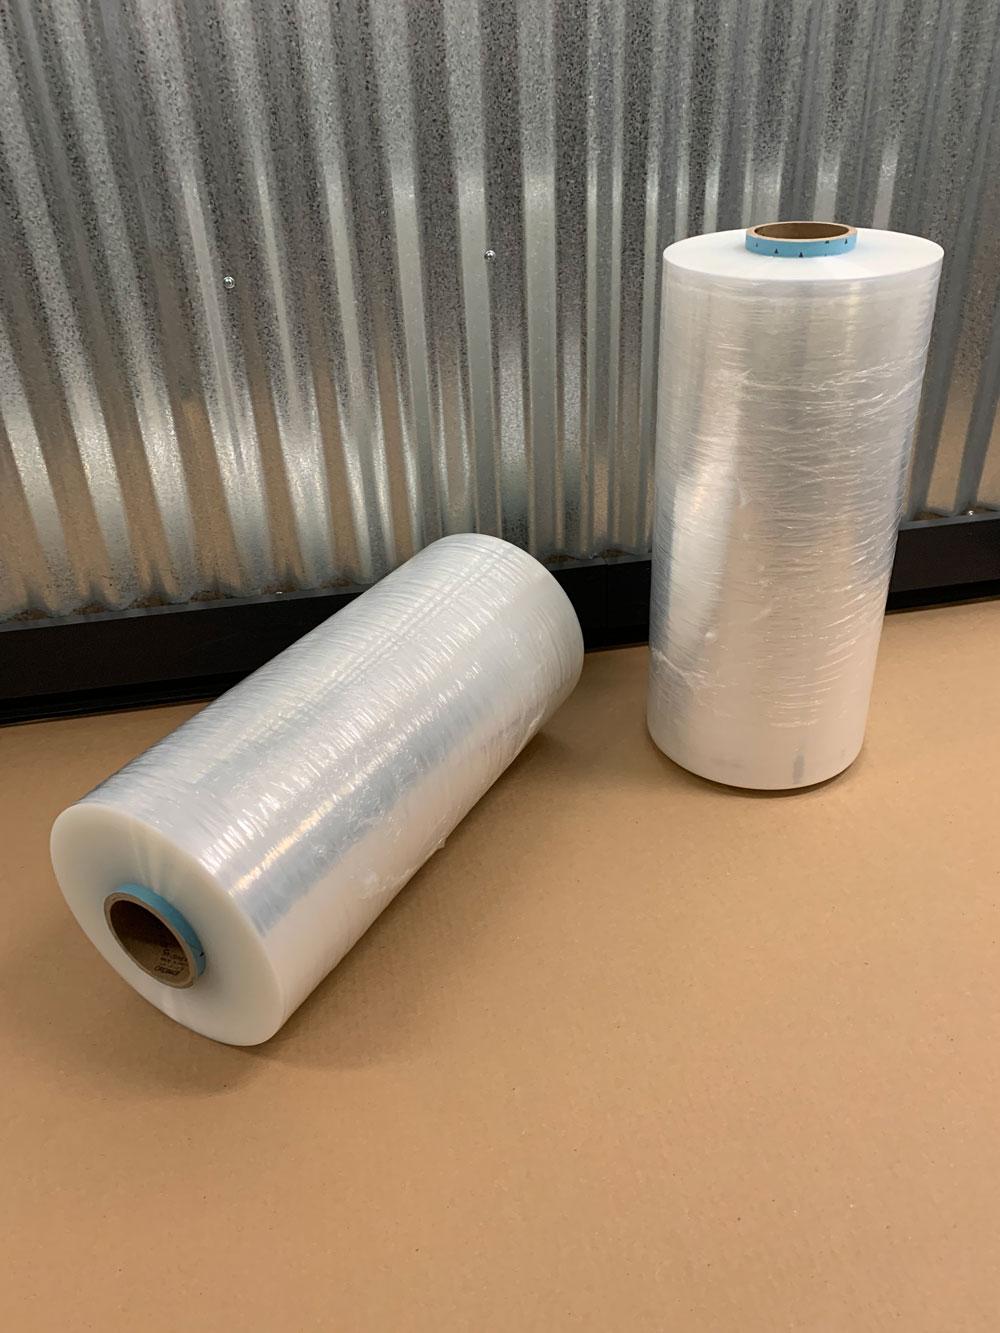 TAB stretch wrap rolls